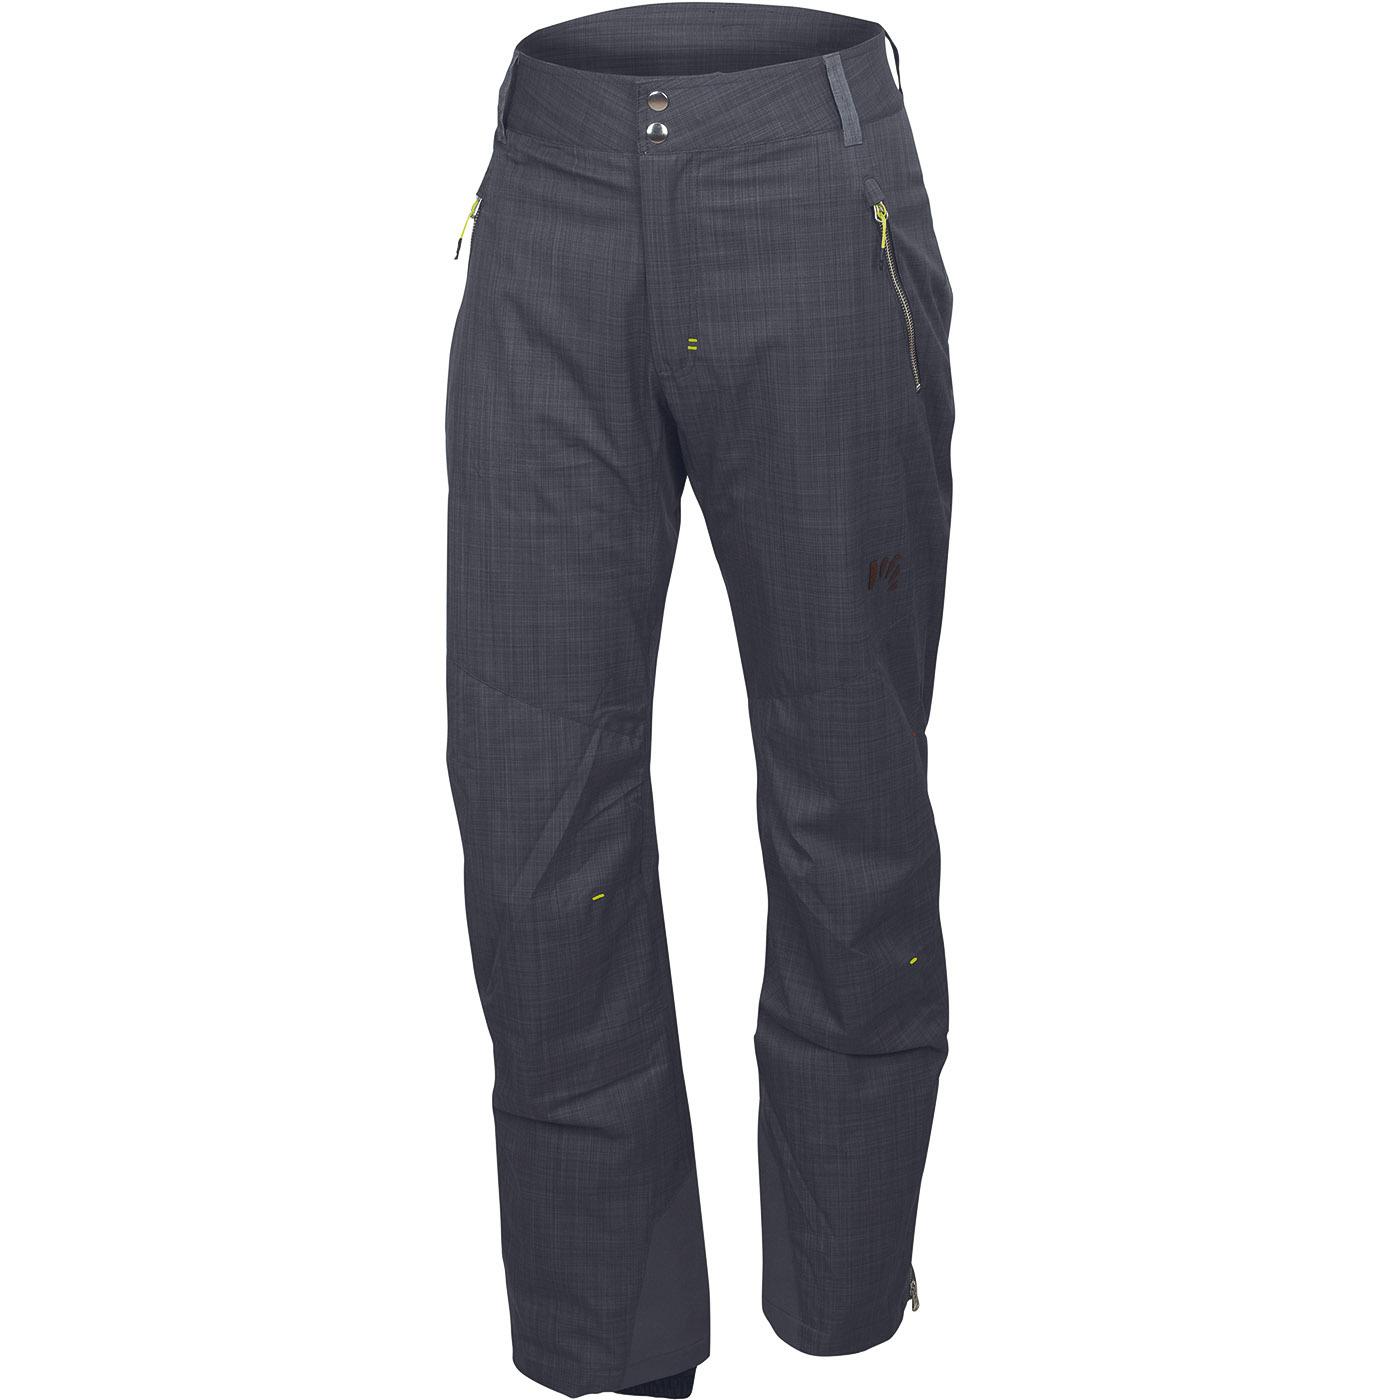 37e833d8df6c Pánske lyžiarske nohavice Karpos sivé